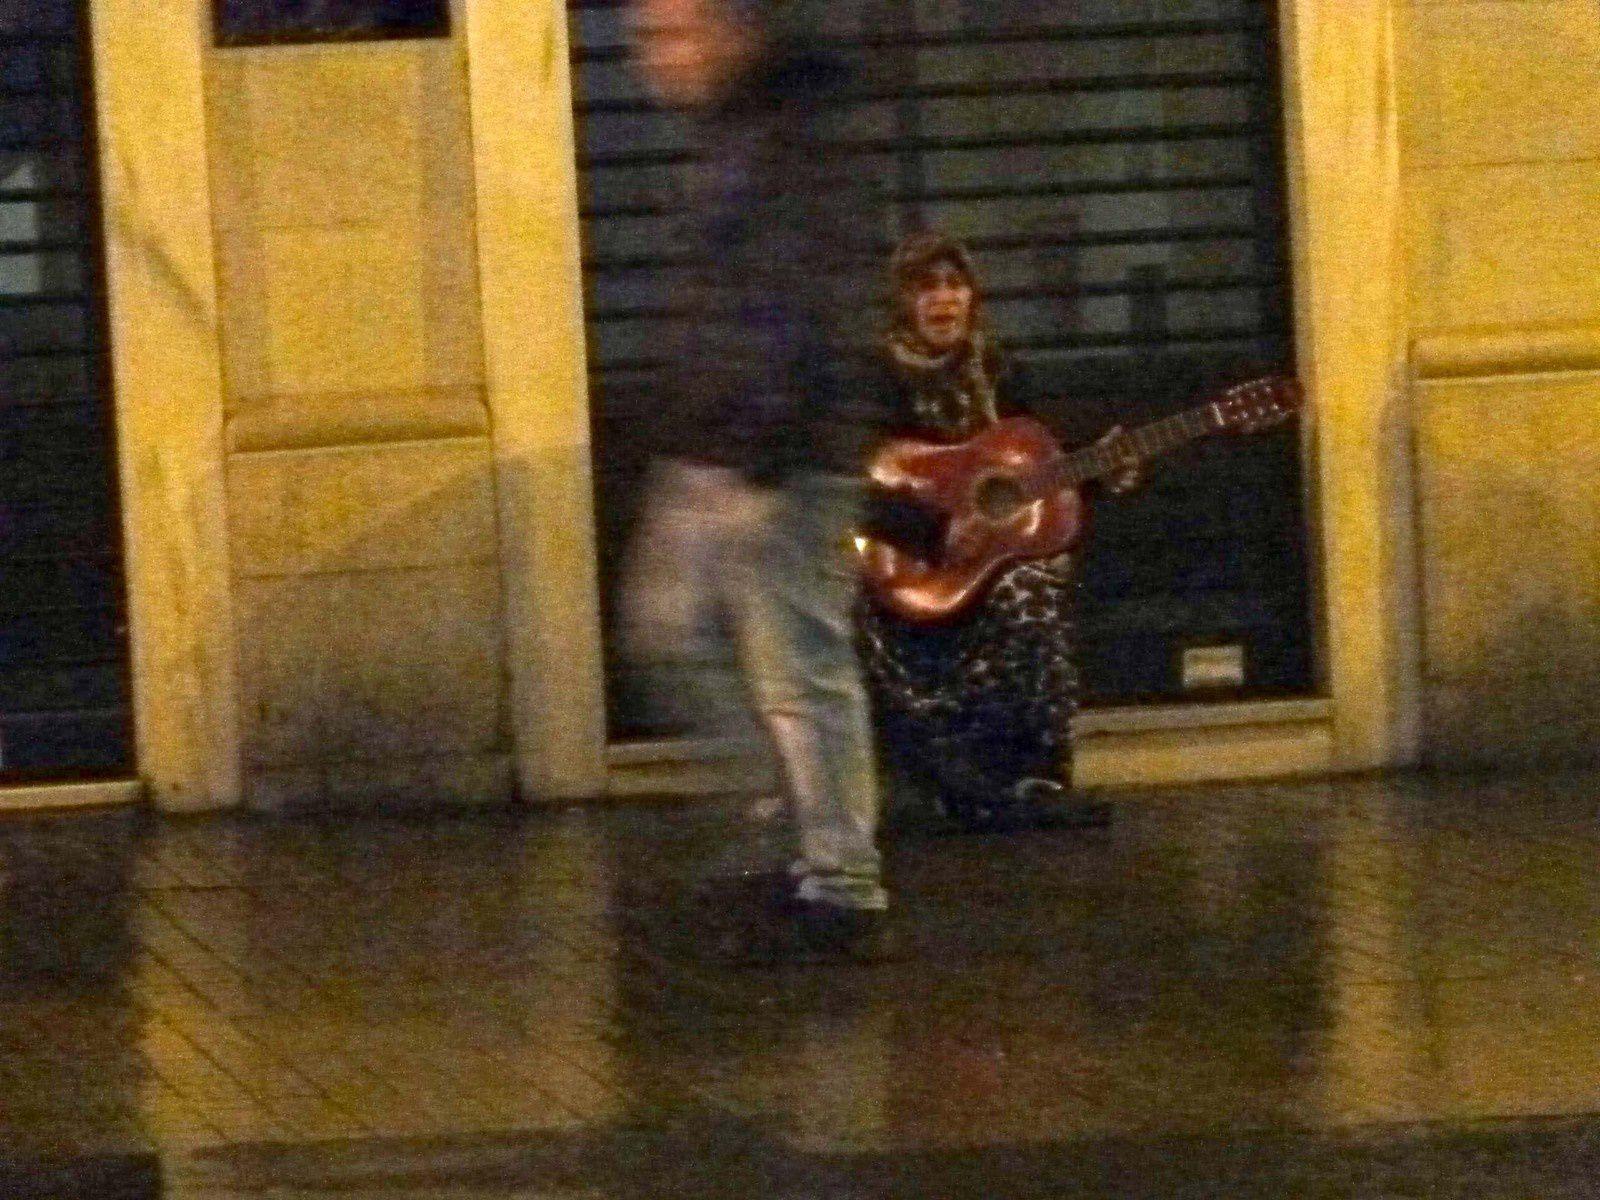 Istiklâl, drôle de rue 2 - Espace sonore